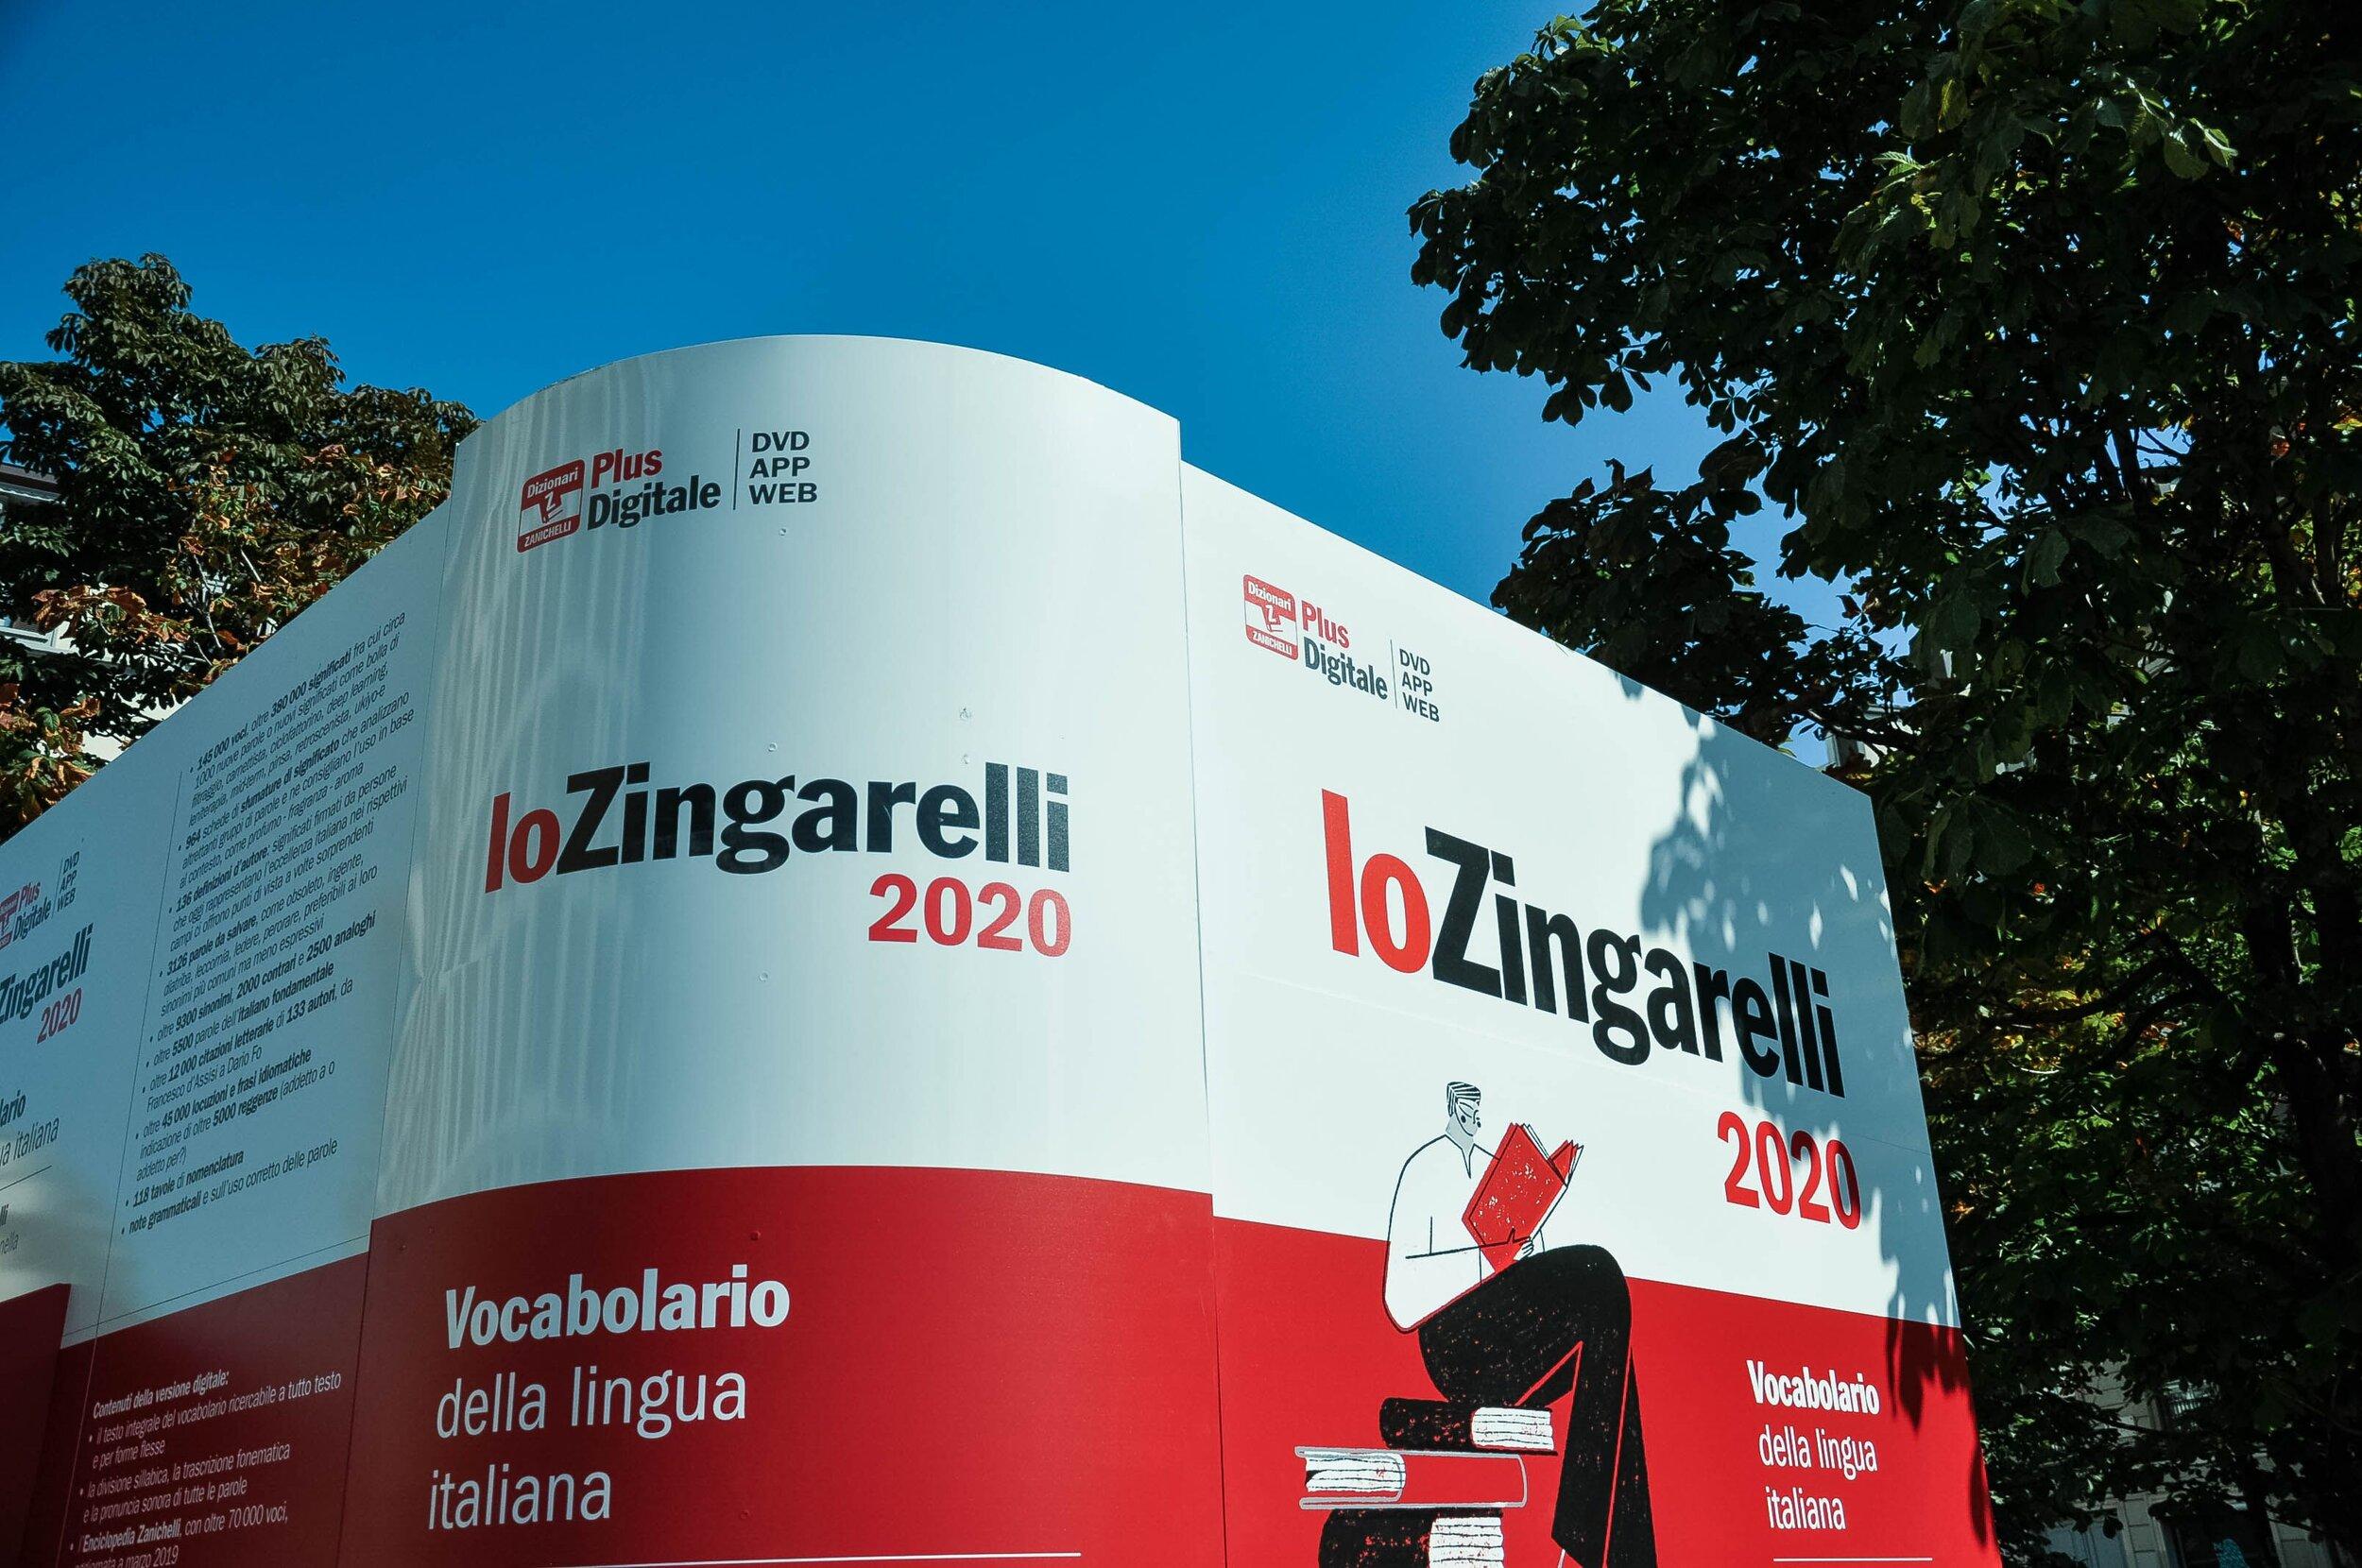 #PAROLEDASALVARE: a Palermo l'iniziativa per la salvaguardia della lingua italiana